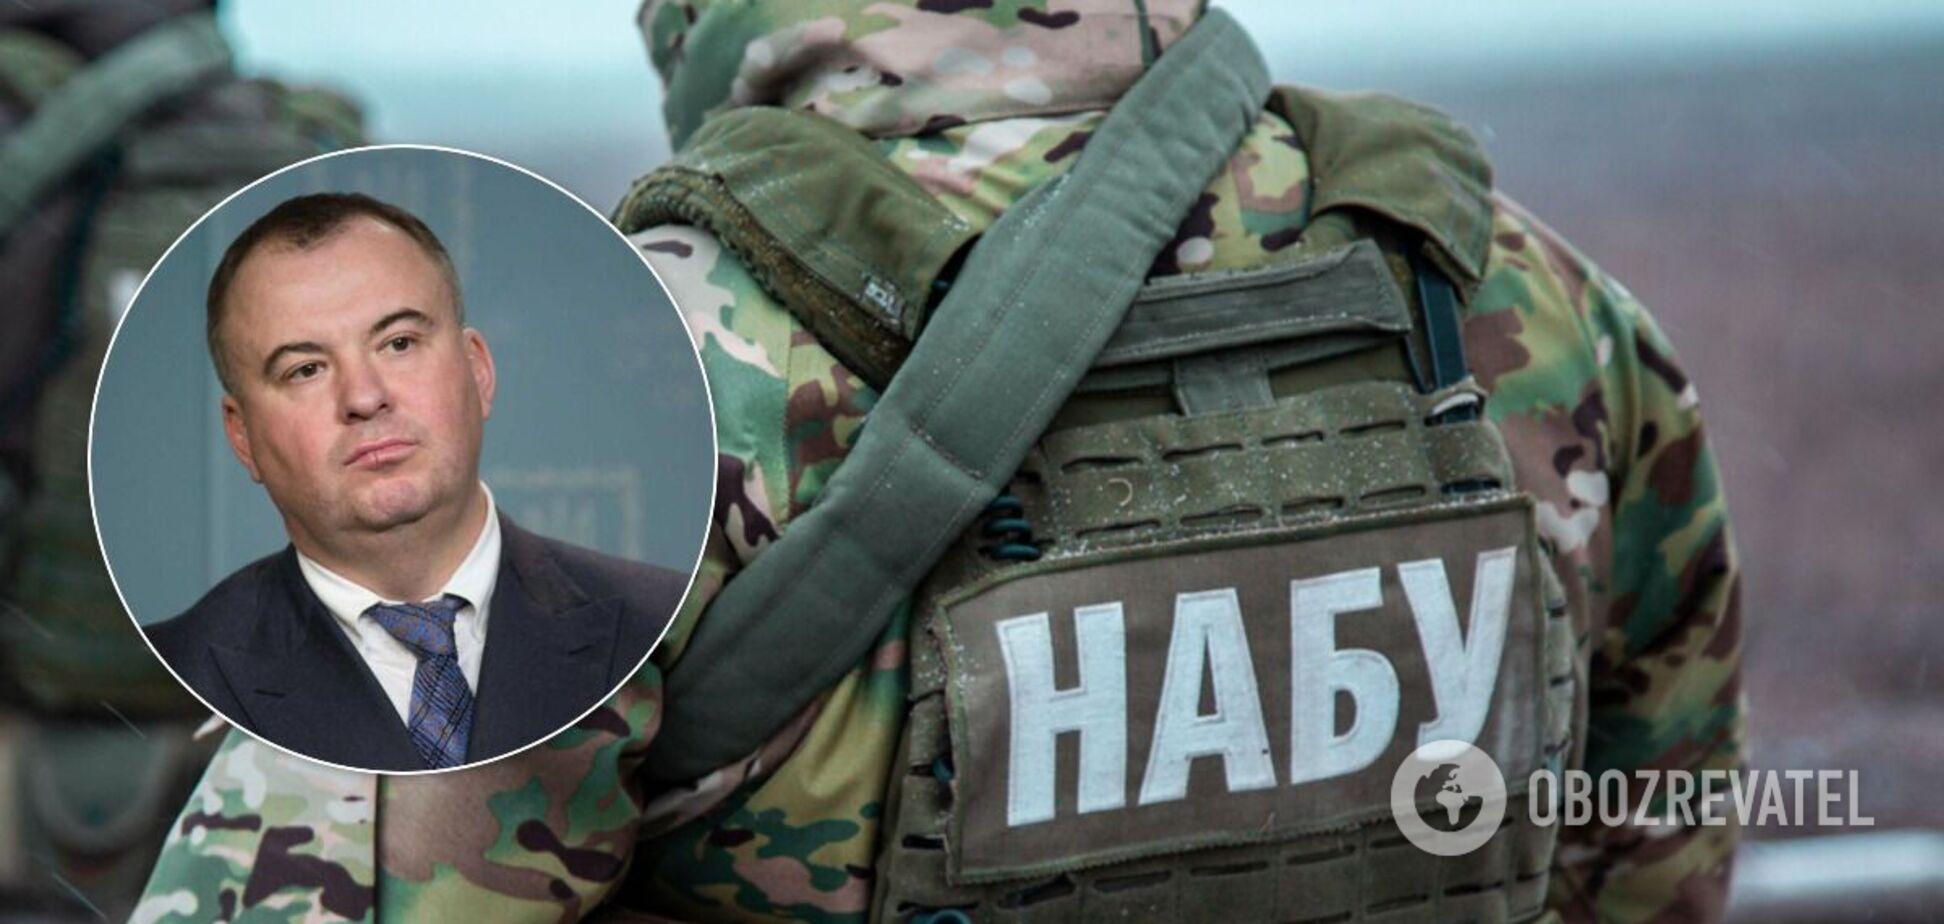 Детектив НАБУ зі 'справи Свинарчуків' продав акції на 3 млн гривень